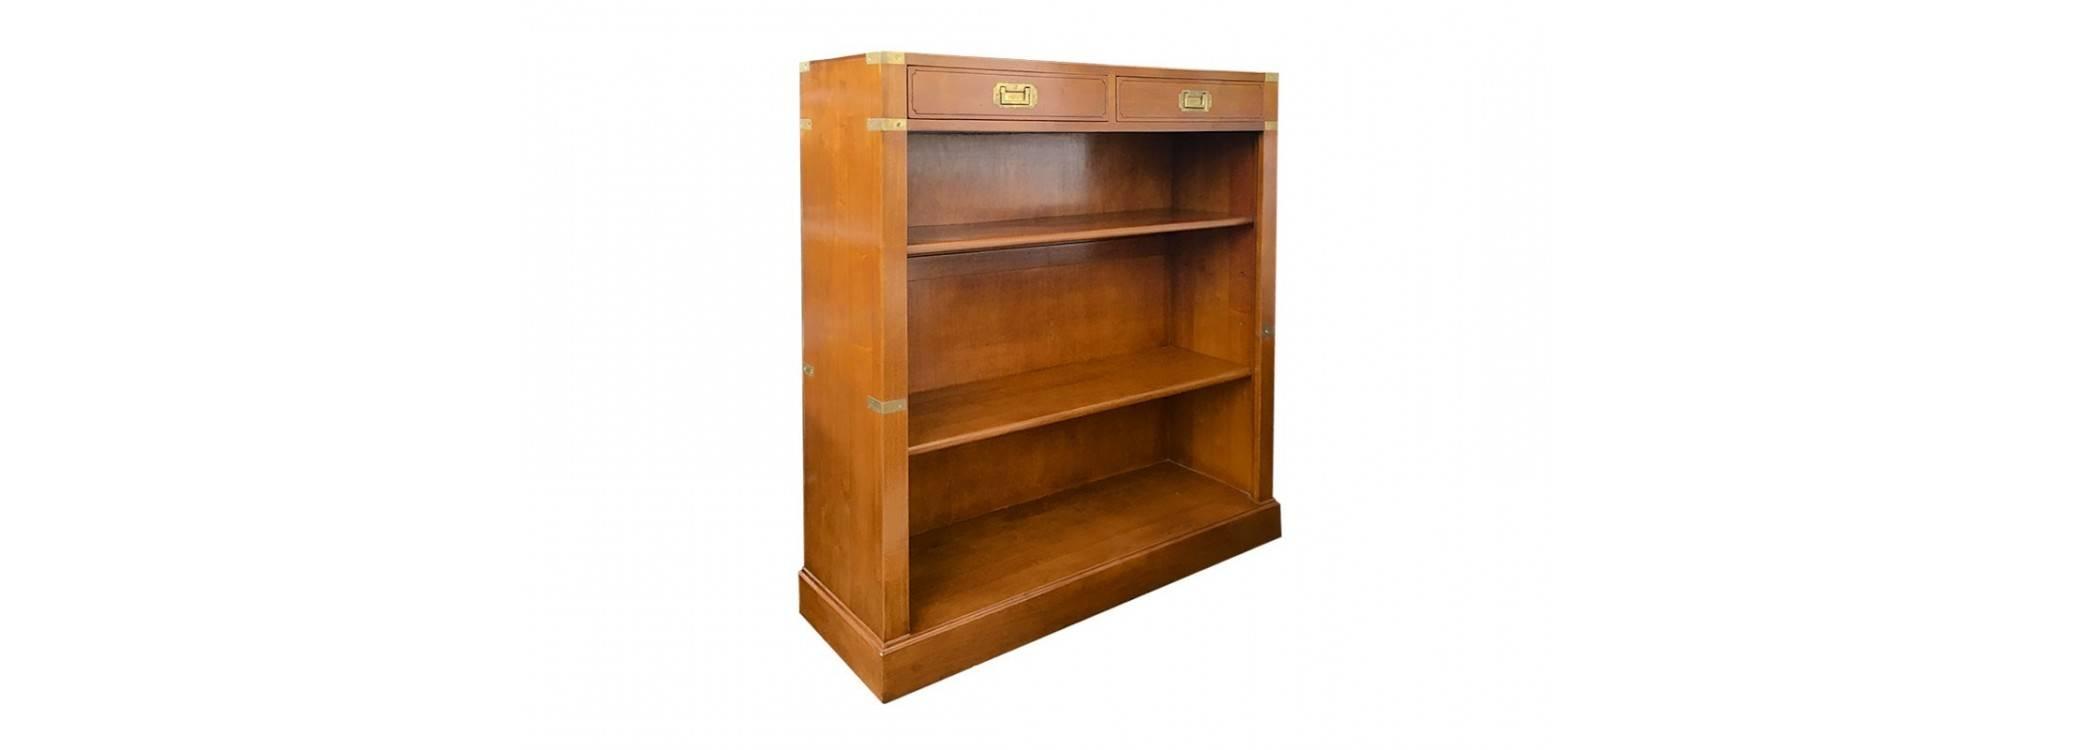 Bookshelf marine Glasgow - Big size